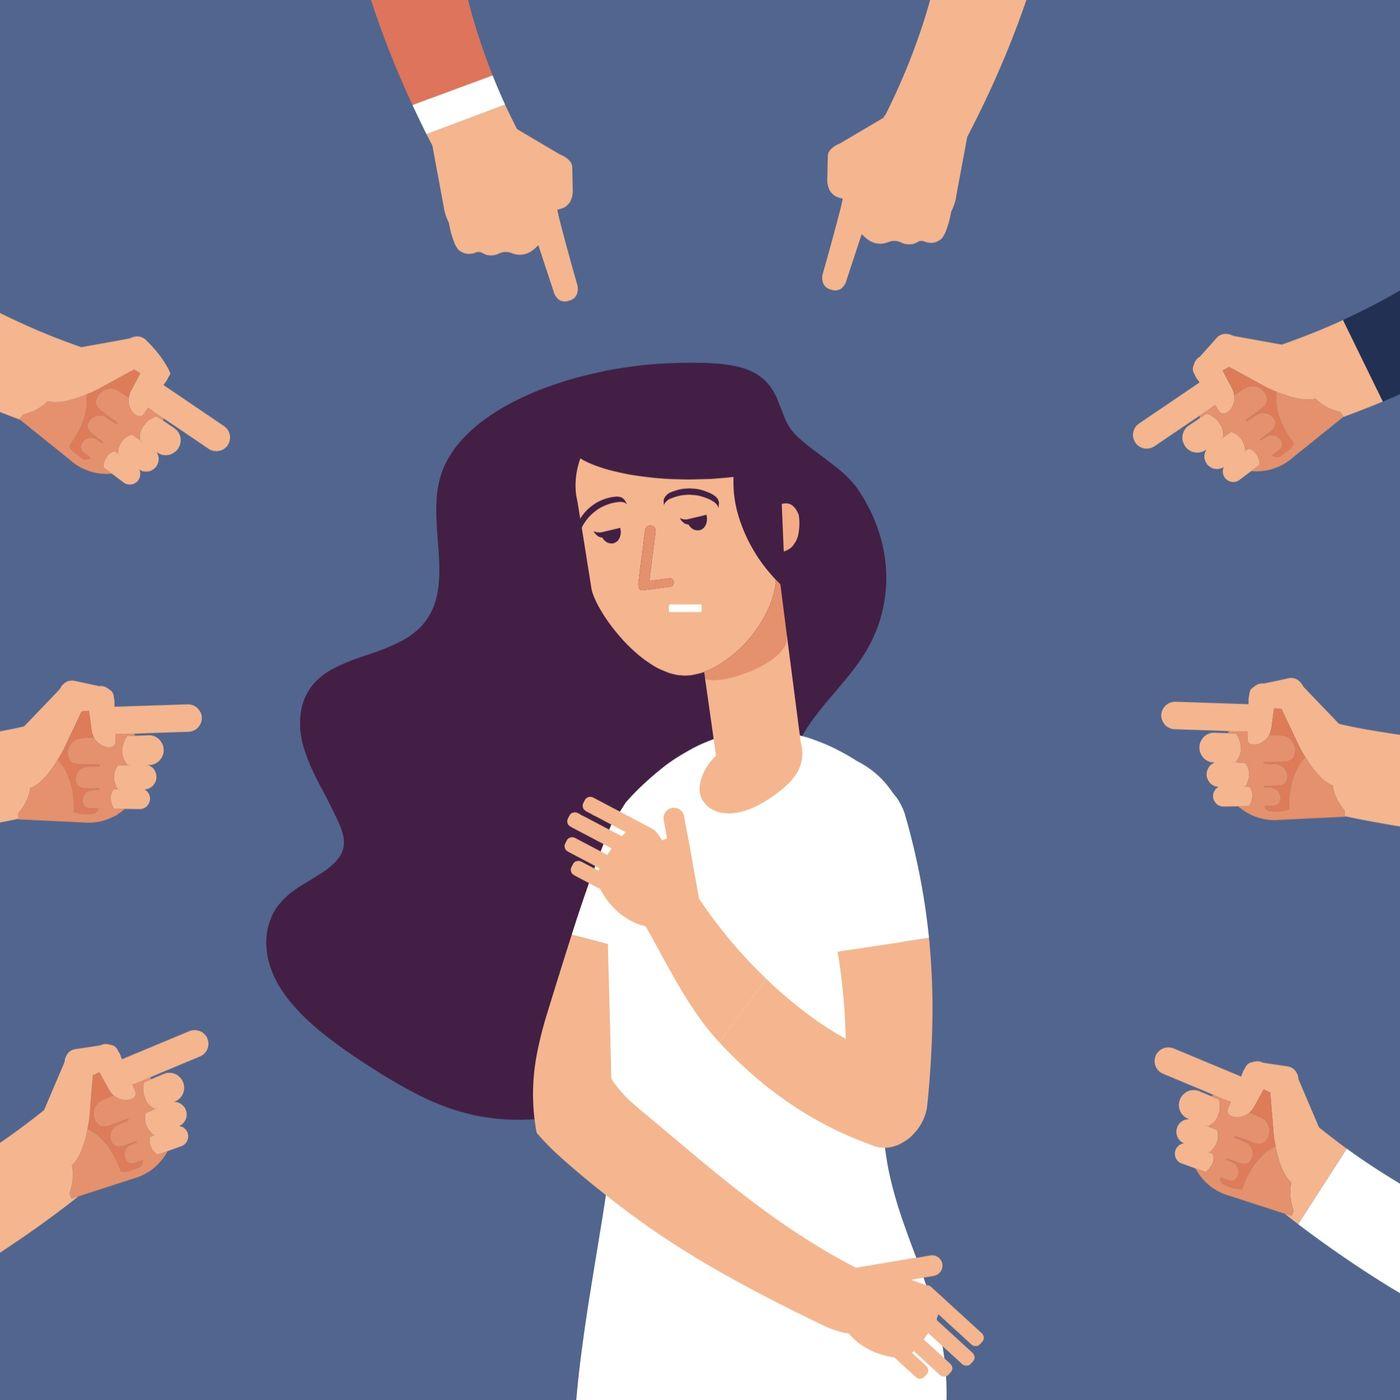 La culpa y las relaciones afectivas | 65 #sersiendo